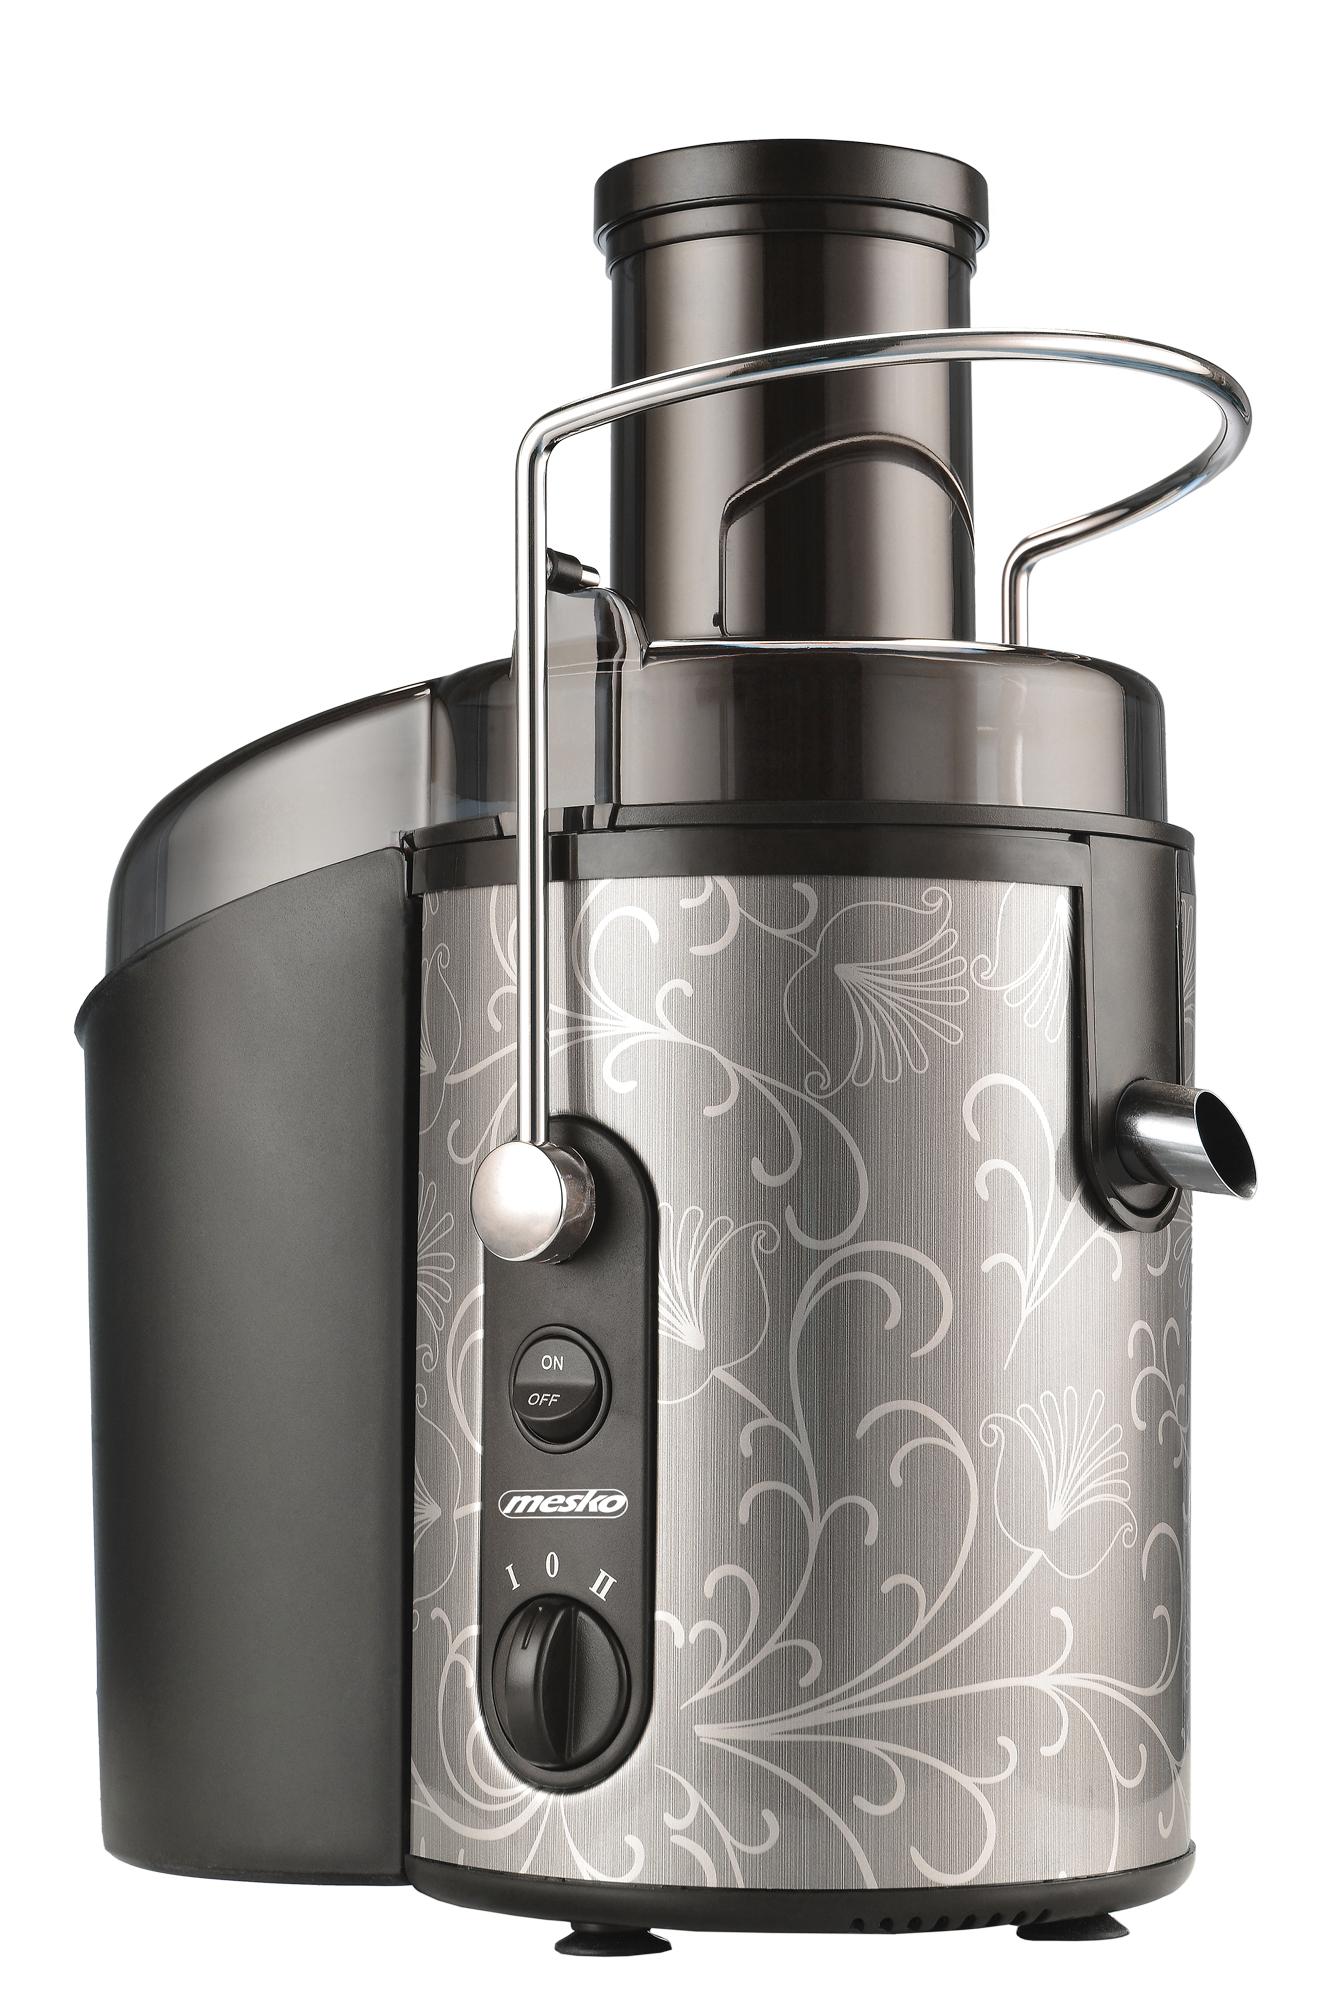 Mesko Type Juice Extractor, Stainless steel, 1000 W W aksesuāri Mazās sadzīves tehnikas